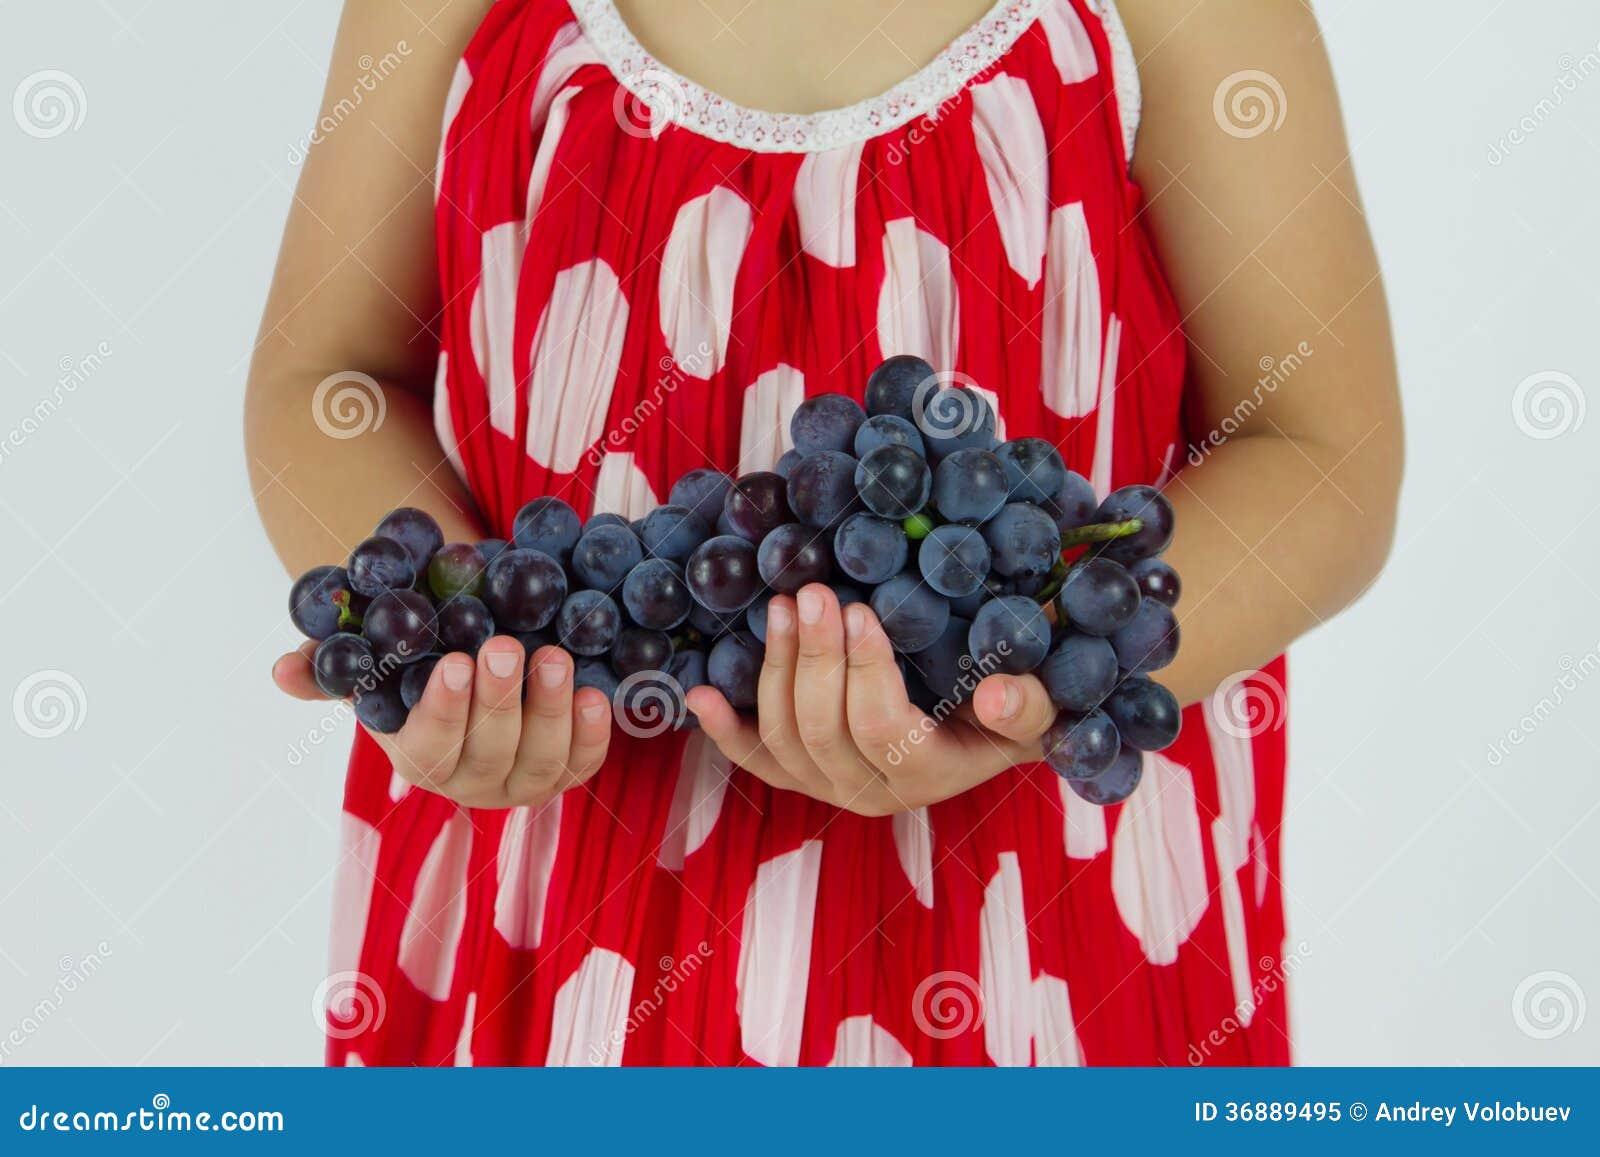 Download Mazzo di uva immagine stock. Immagine di giovane, studio - 36889495